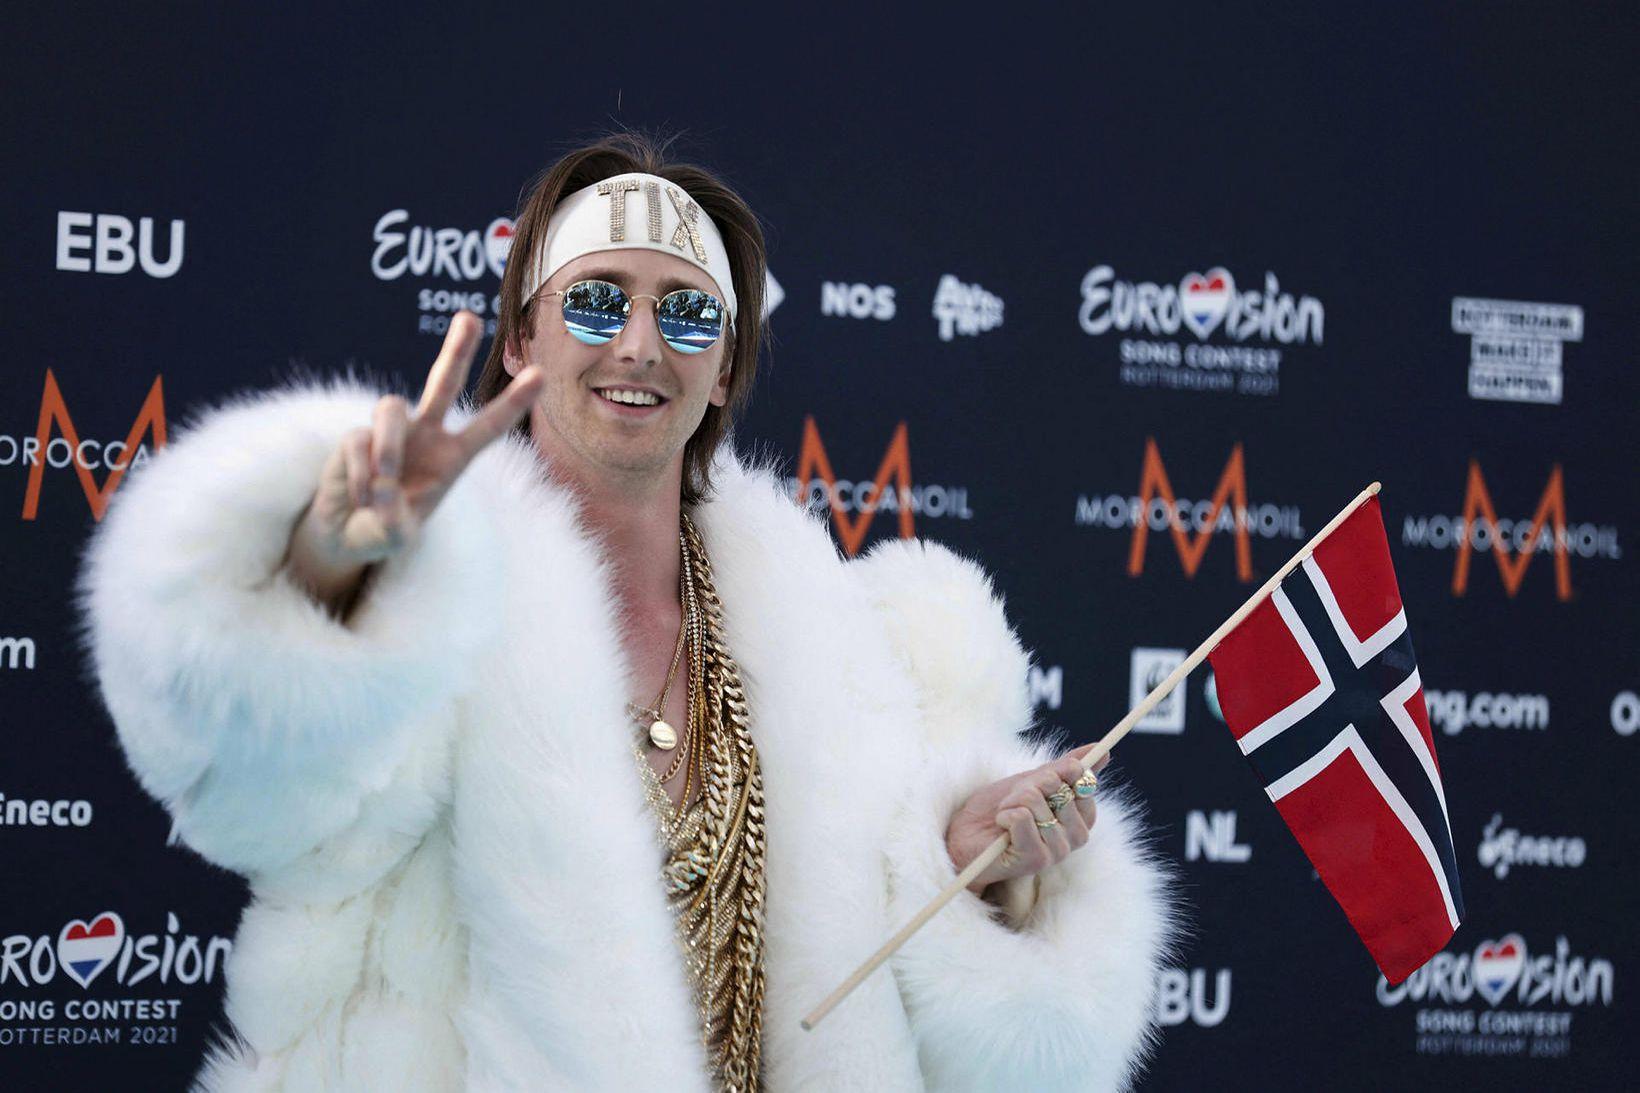 Andreas Andresen Haukeland eða Tix frá Noregi er skrautlegur.